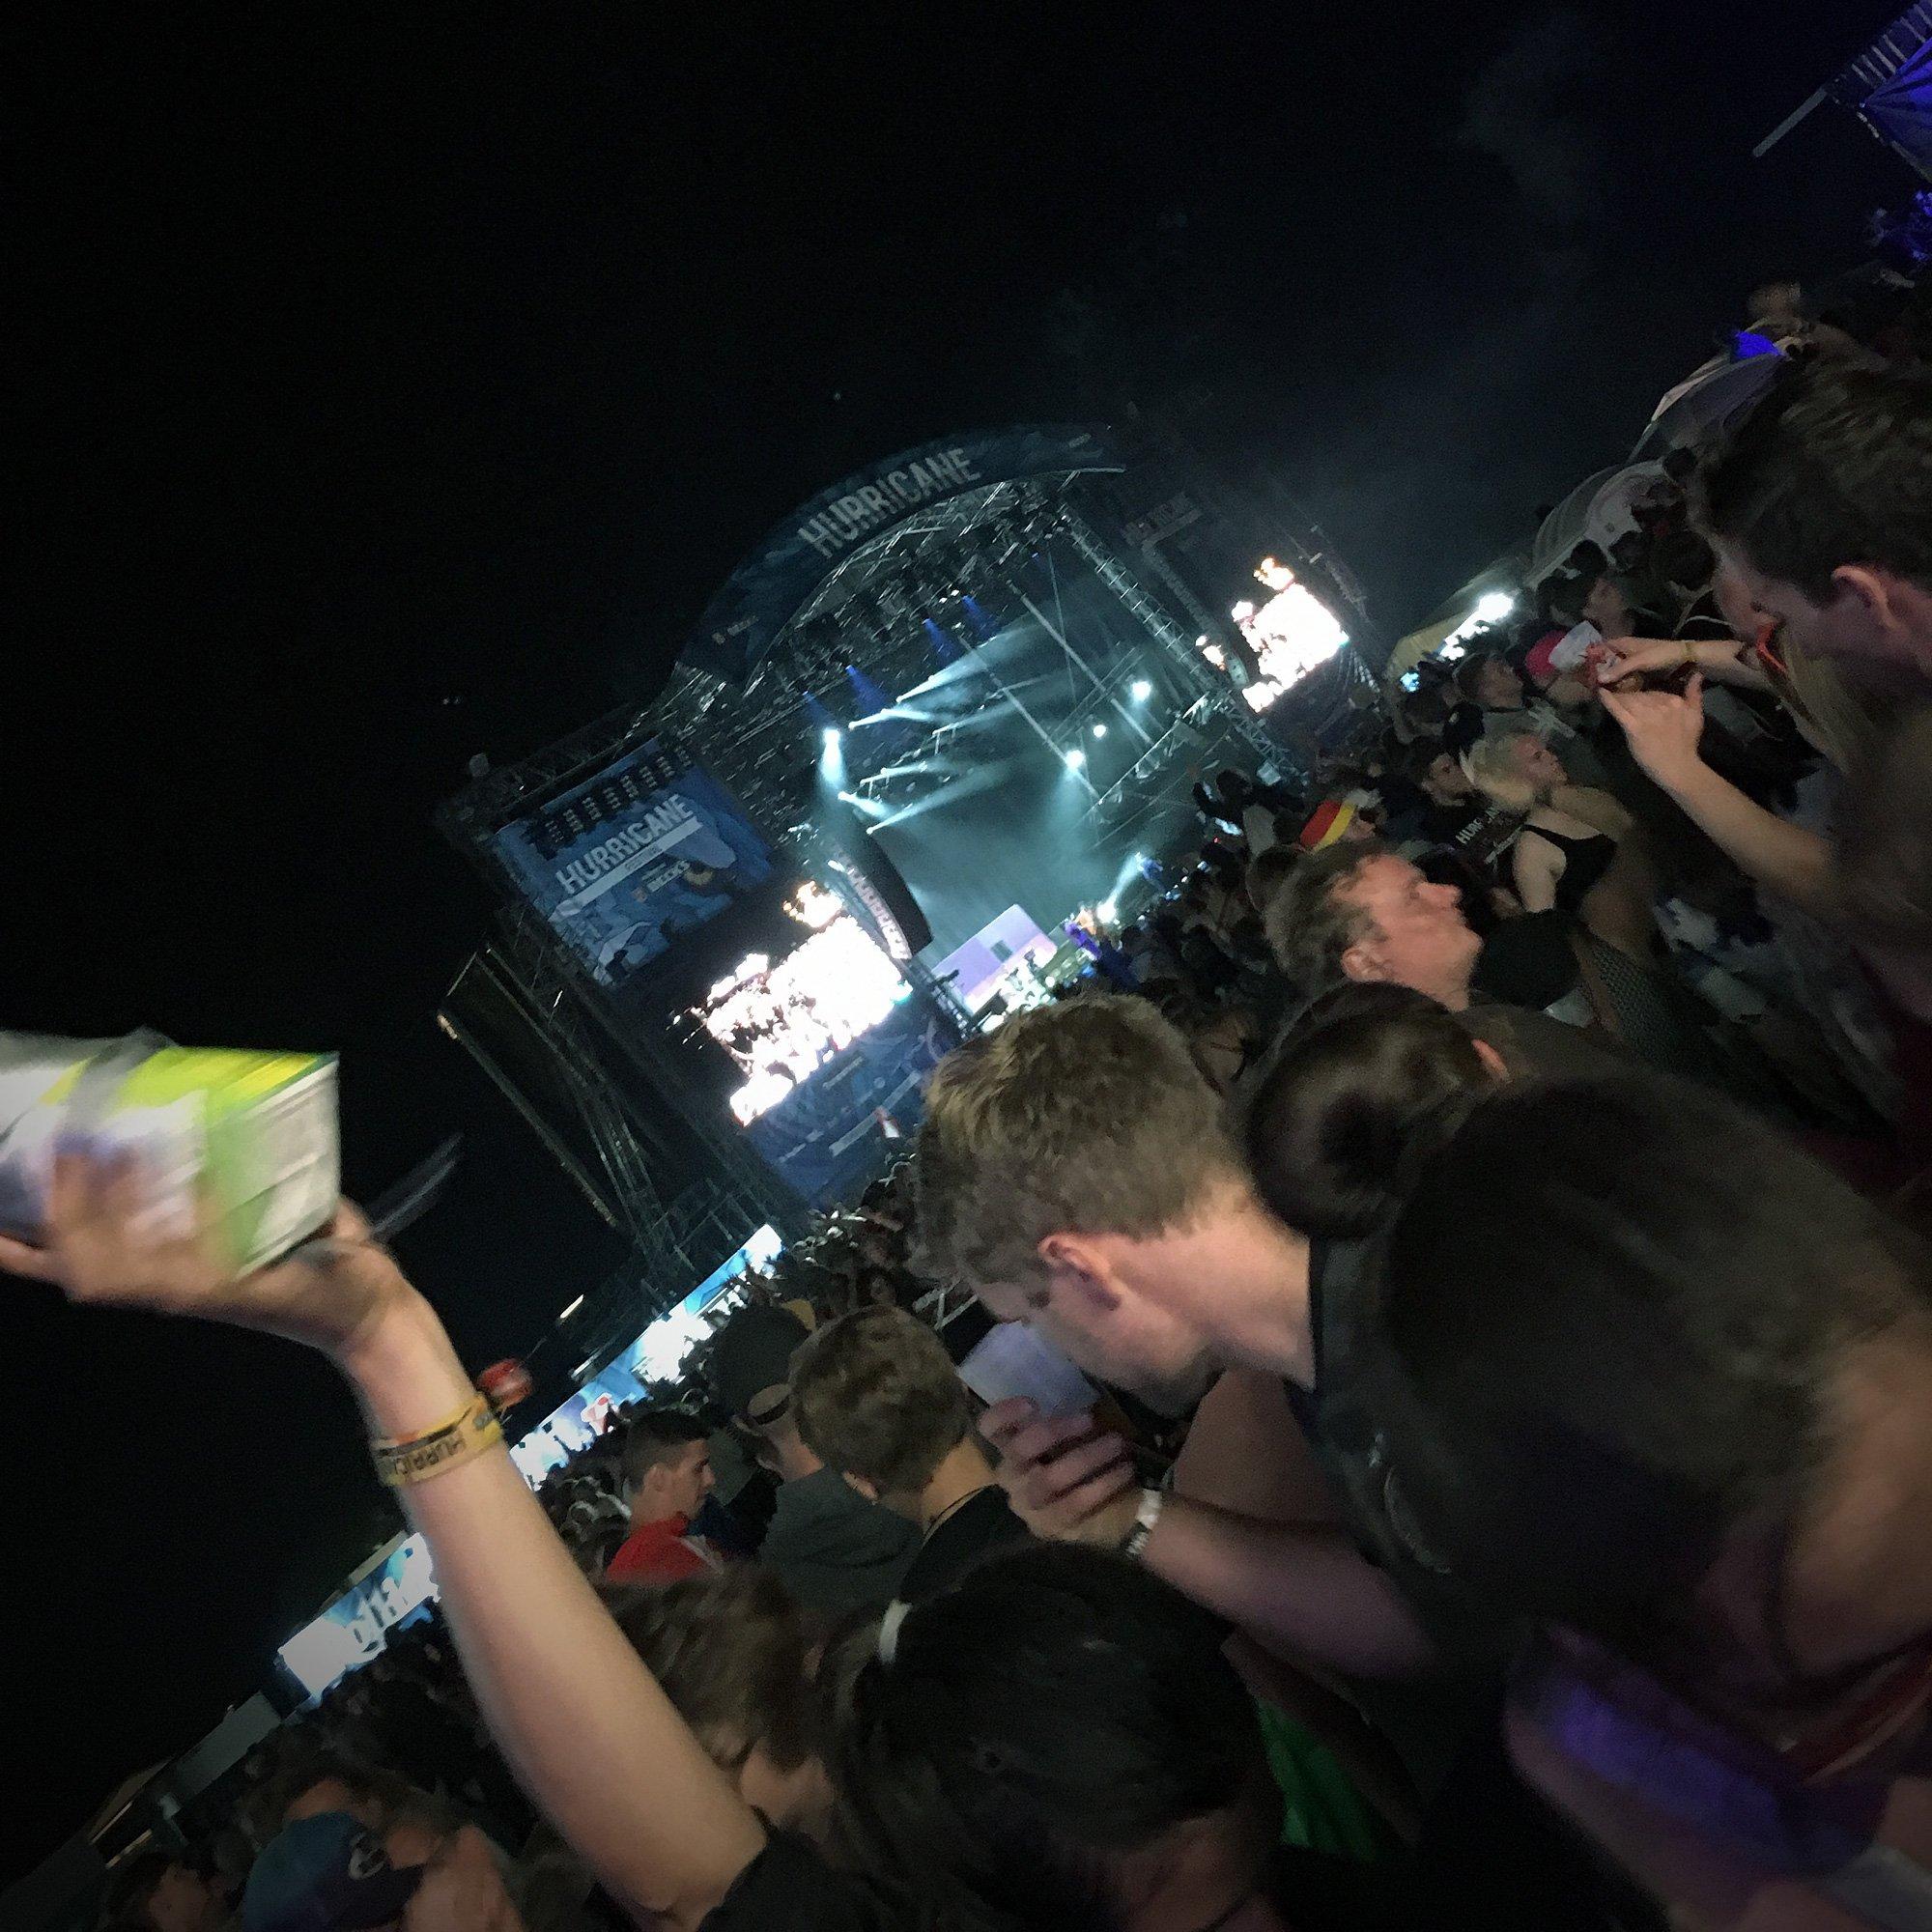 Hurricane Festival 2016: Trailerpark